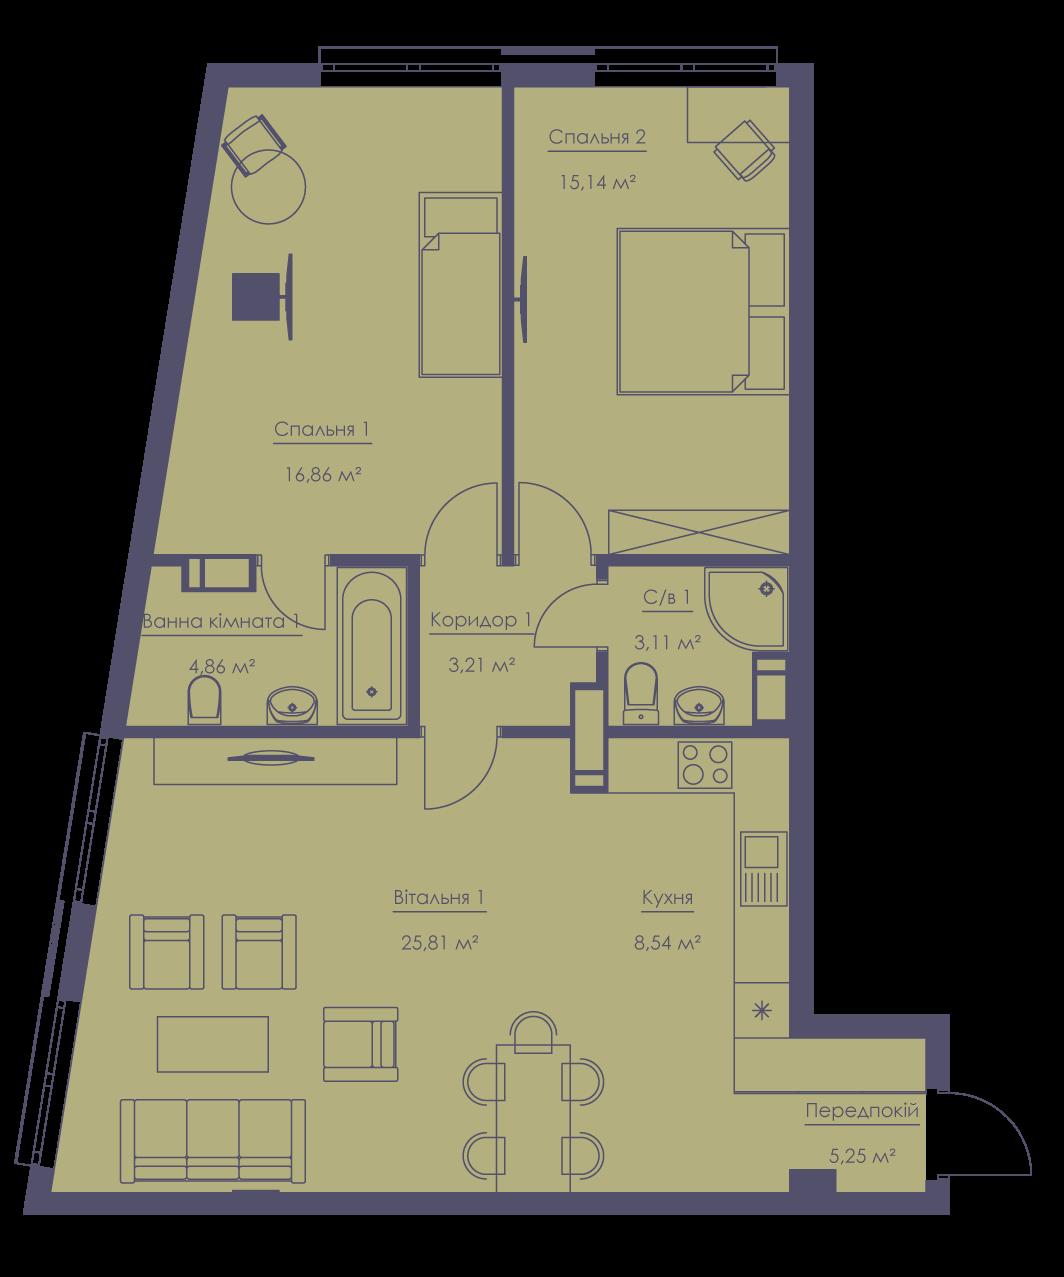 Apartment layout KV_96_3n_1_1_7-1